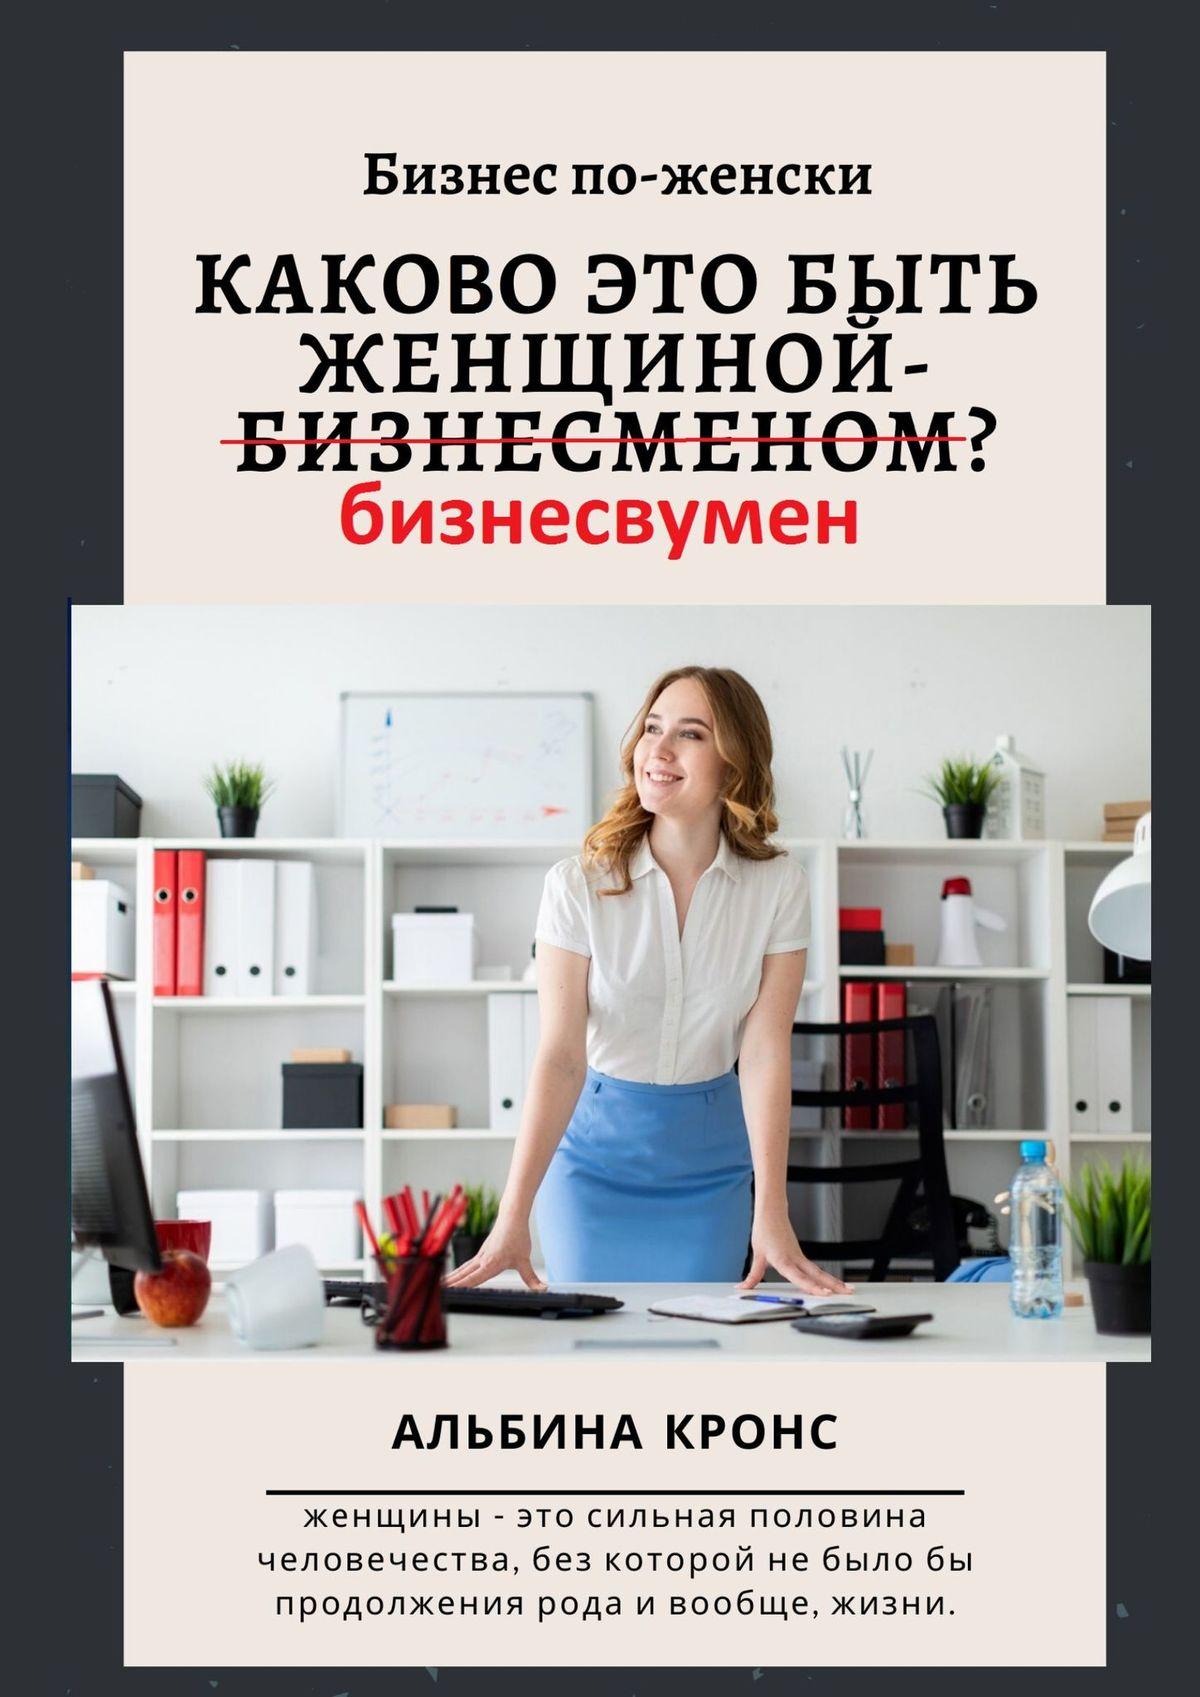 Бизнес по-женски: Каково это быть женщиной-бизнесменом?